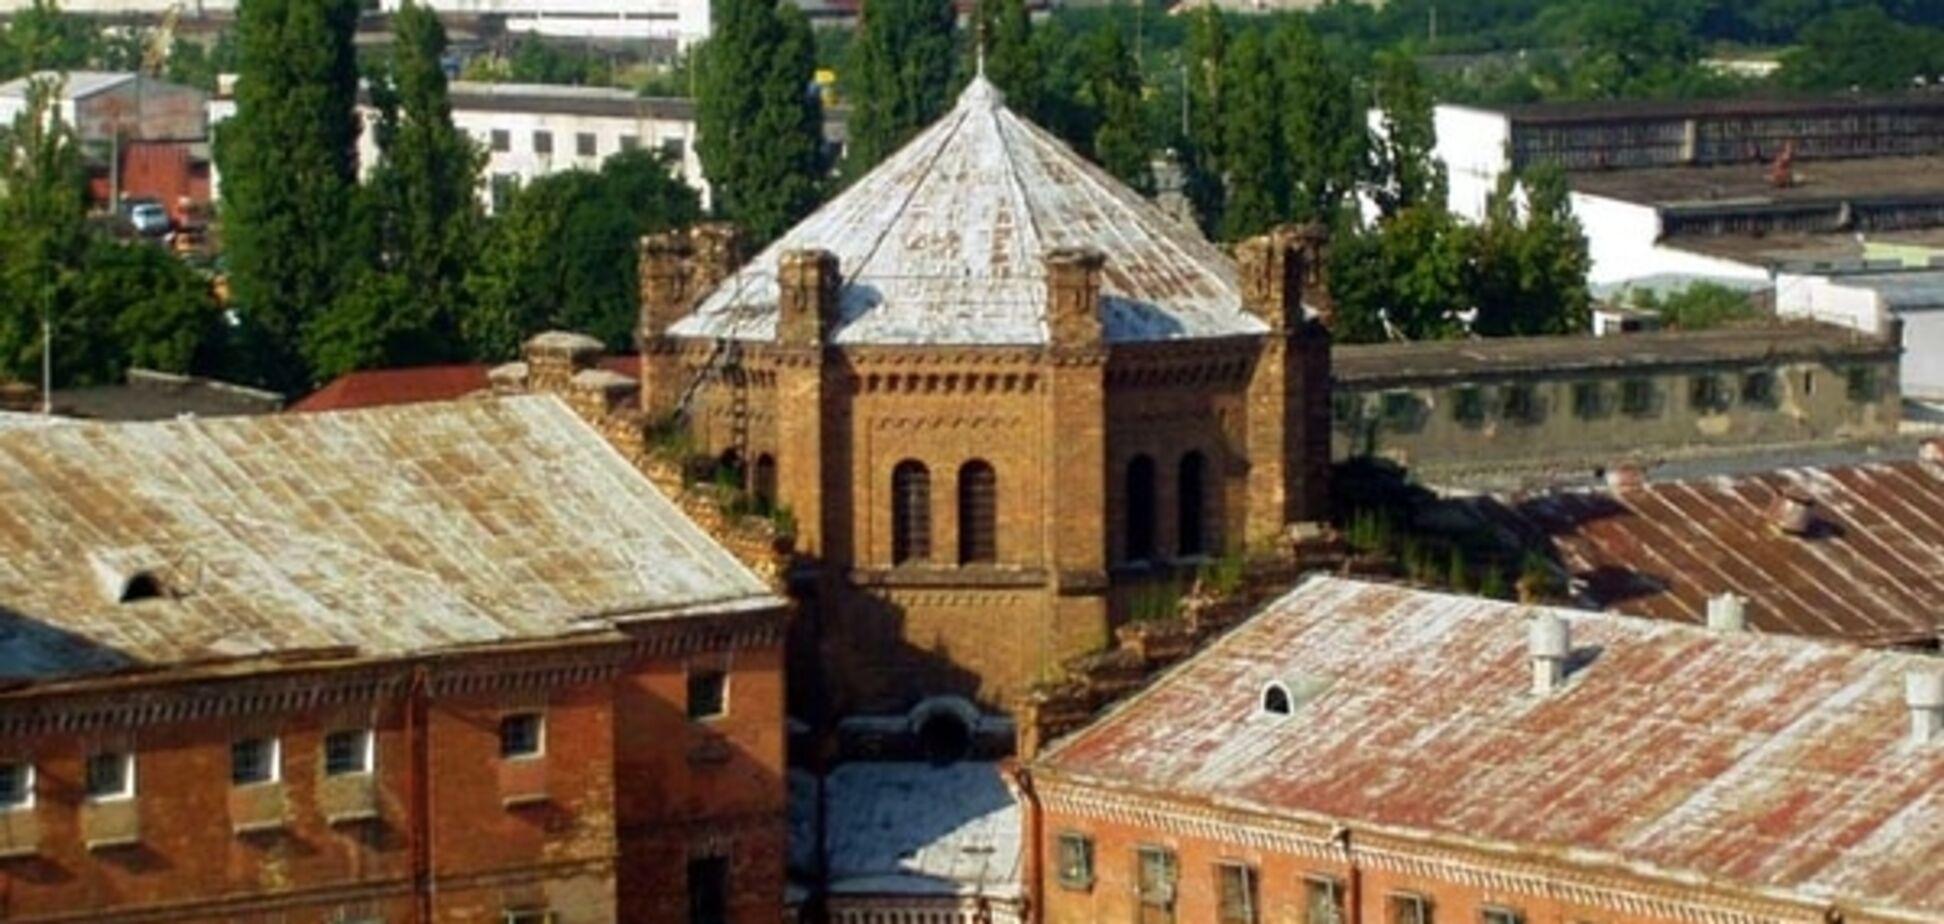 'Старые тюрьмы сравняем с землей' - Минюст провозгласил реформу СИЗО